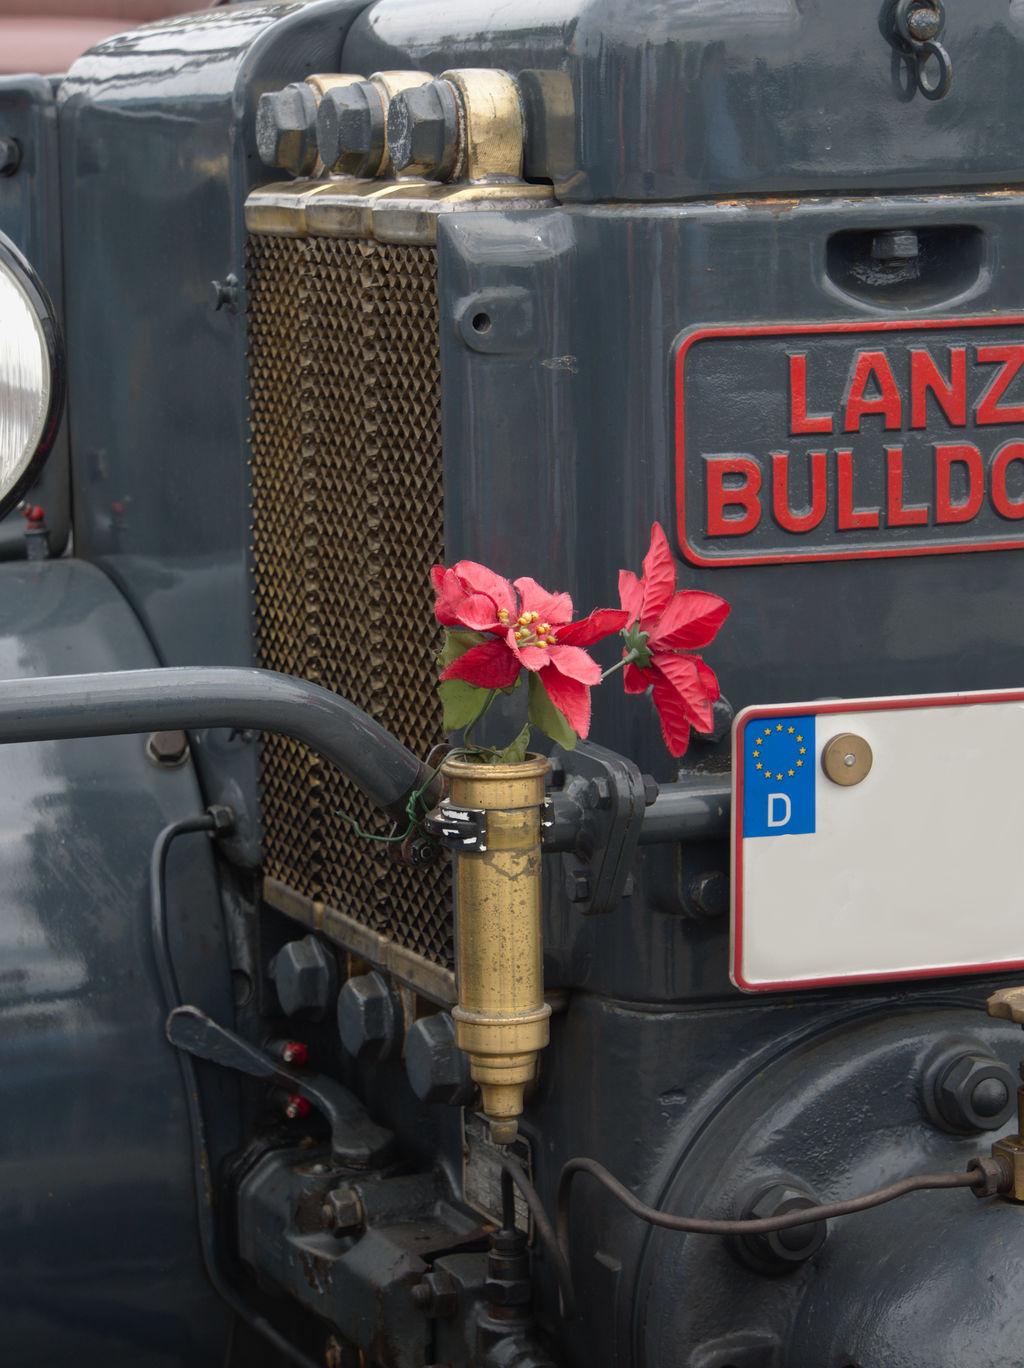 20180728_Lanz_Bulldog_Treffen_Speyer_2018_012